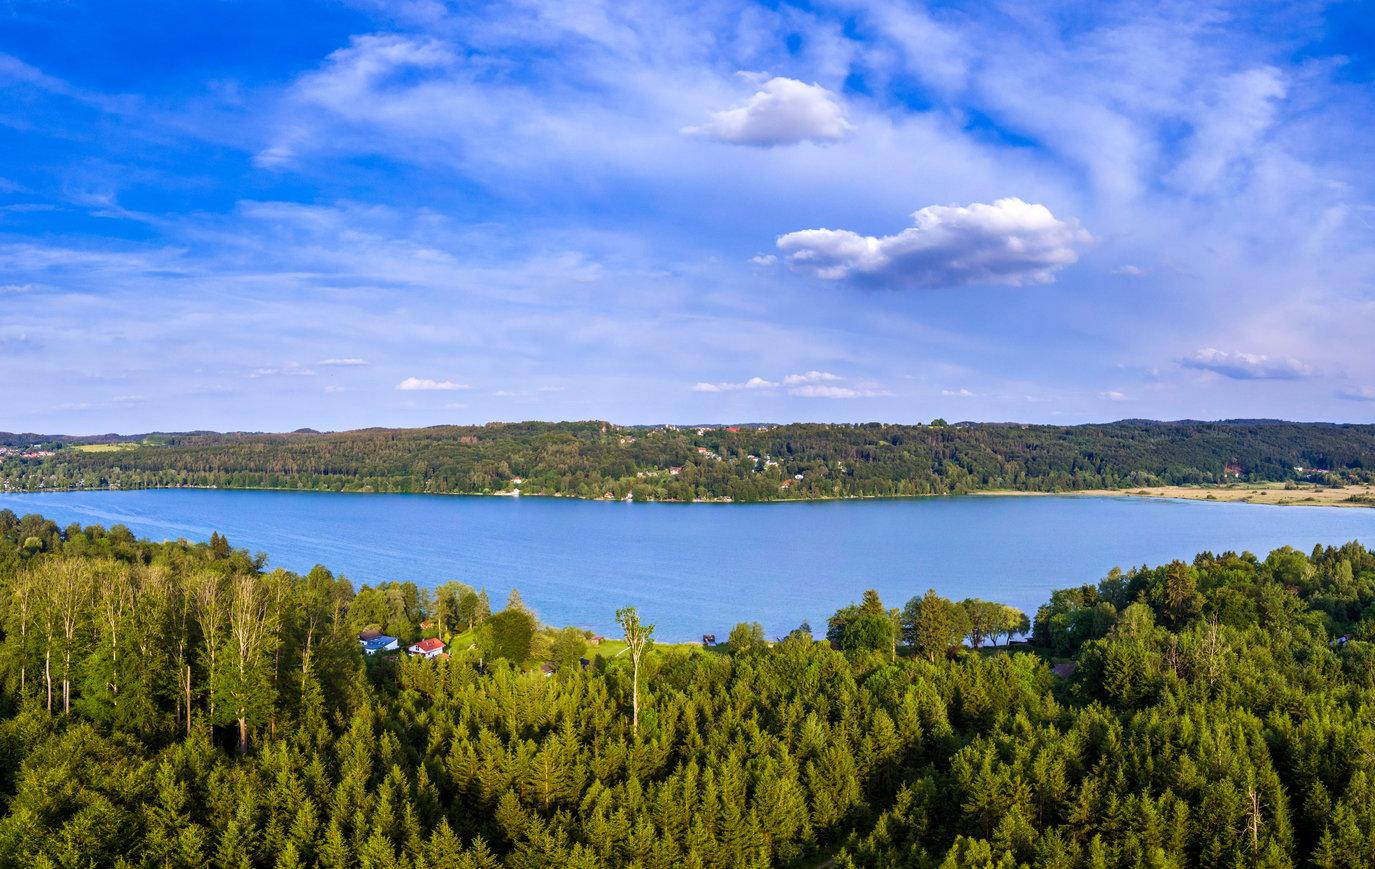 Blick auf den Pilsensee mit Wald im Vordergrund.